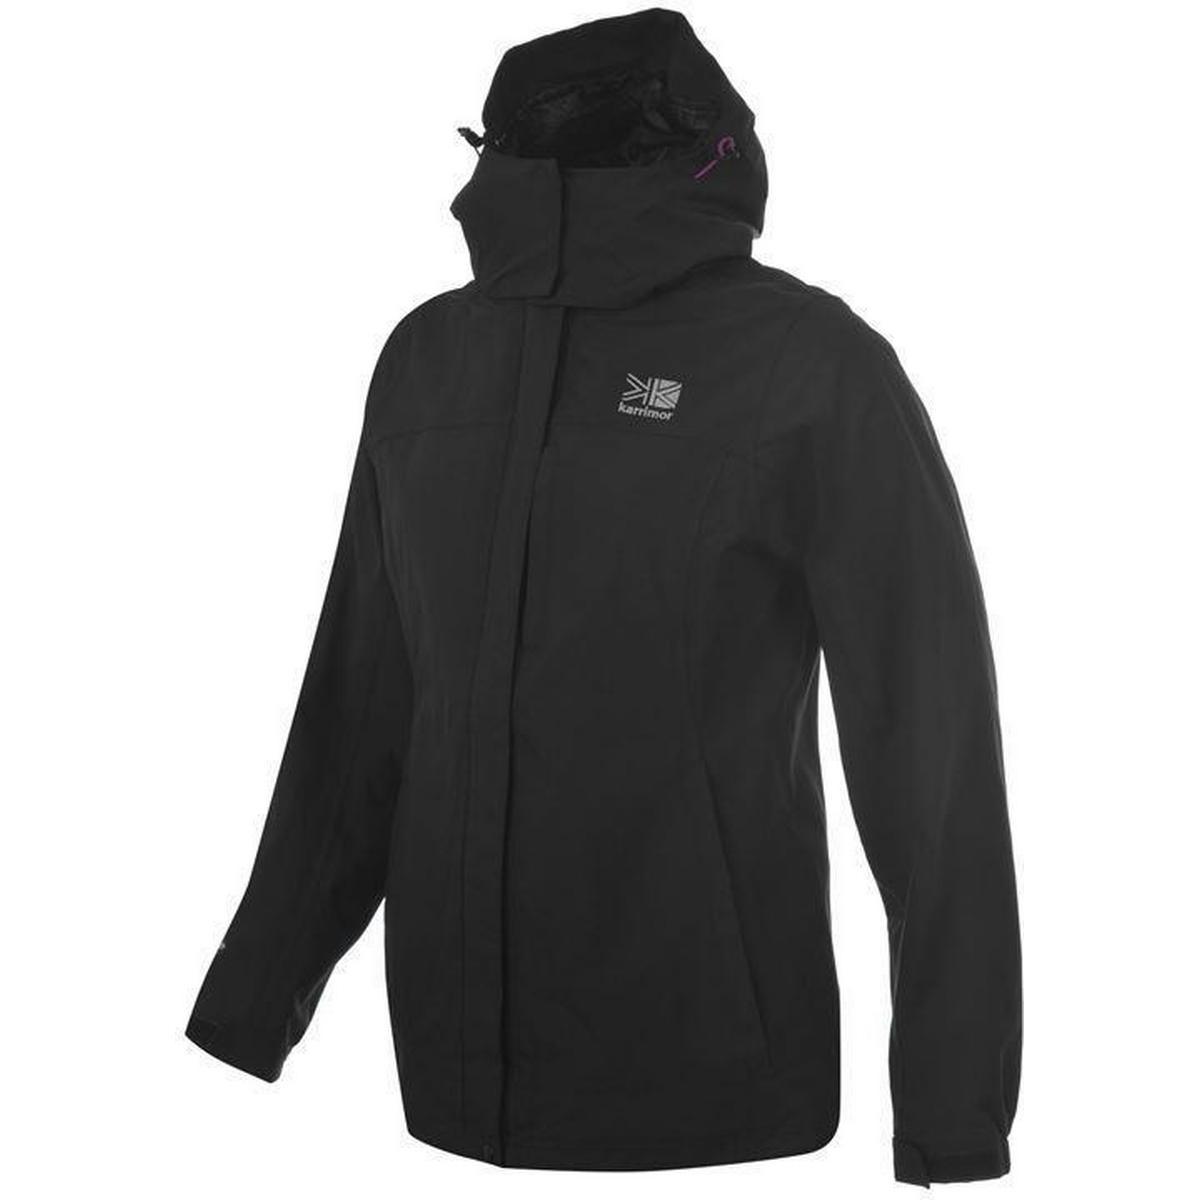 3 in 1 jacket Dametøj • Find den billigste pris hos